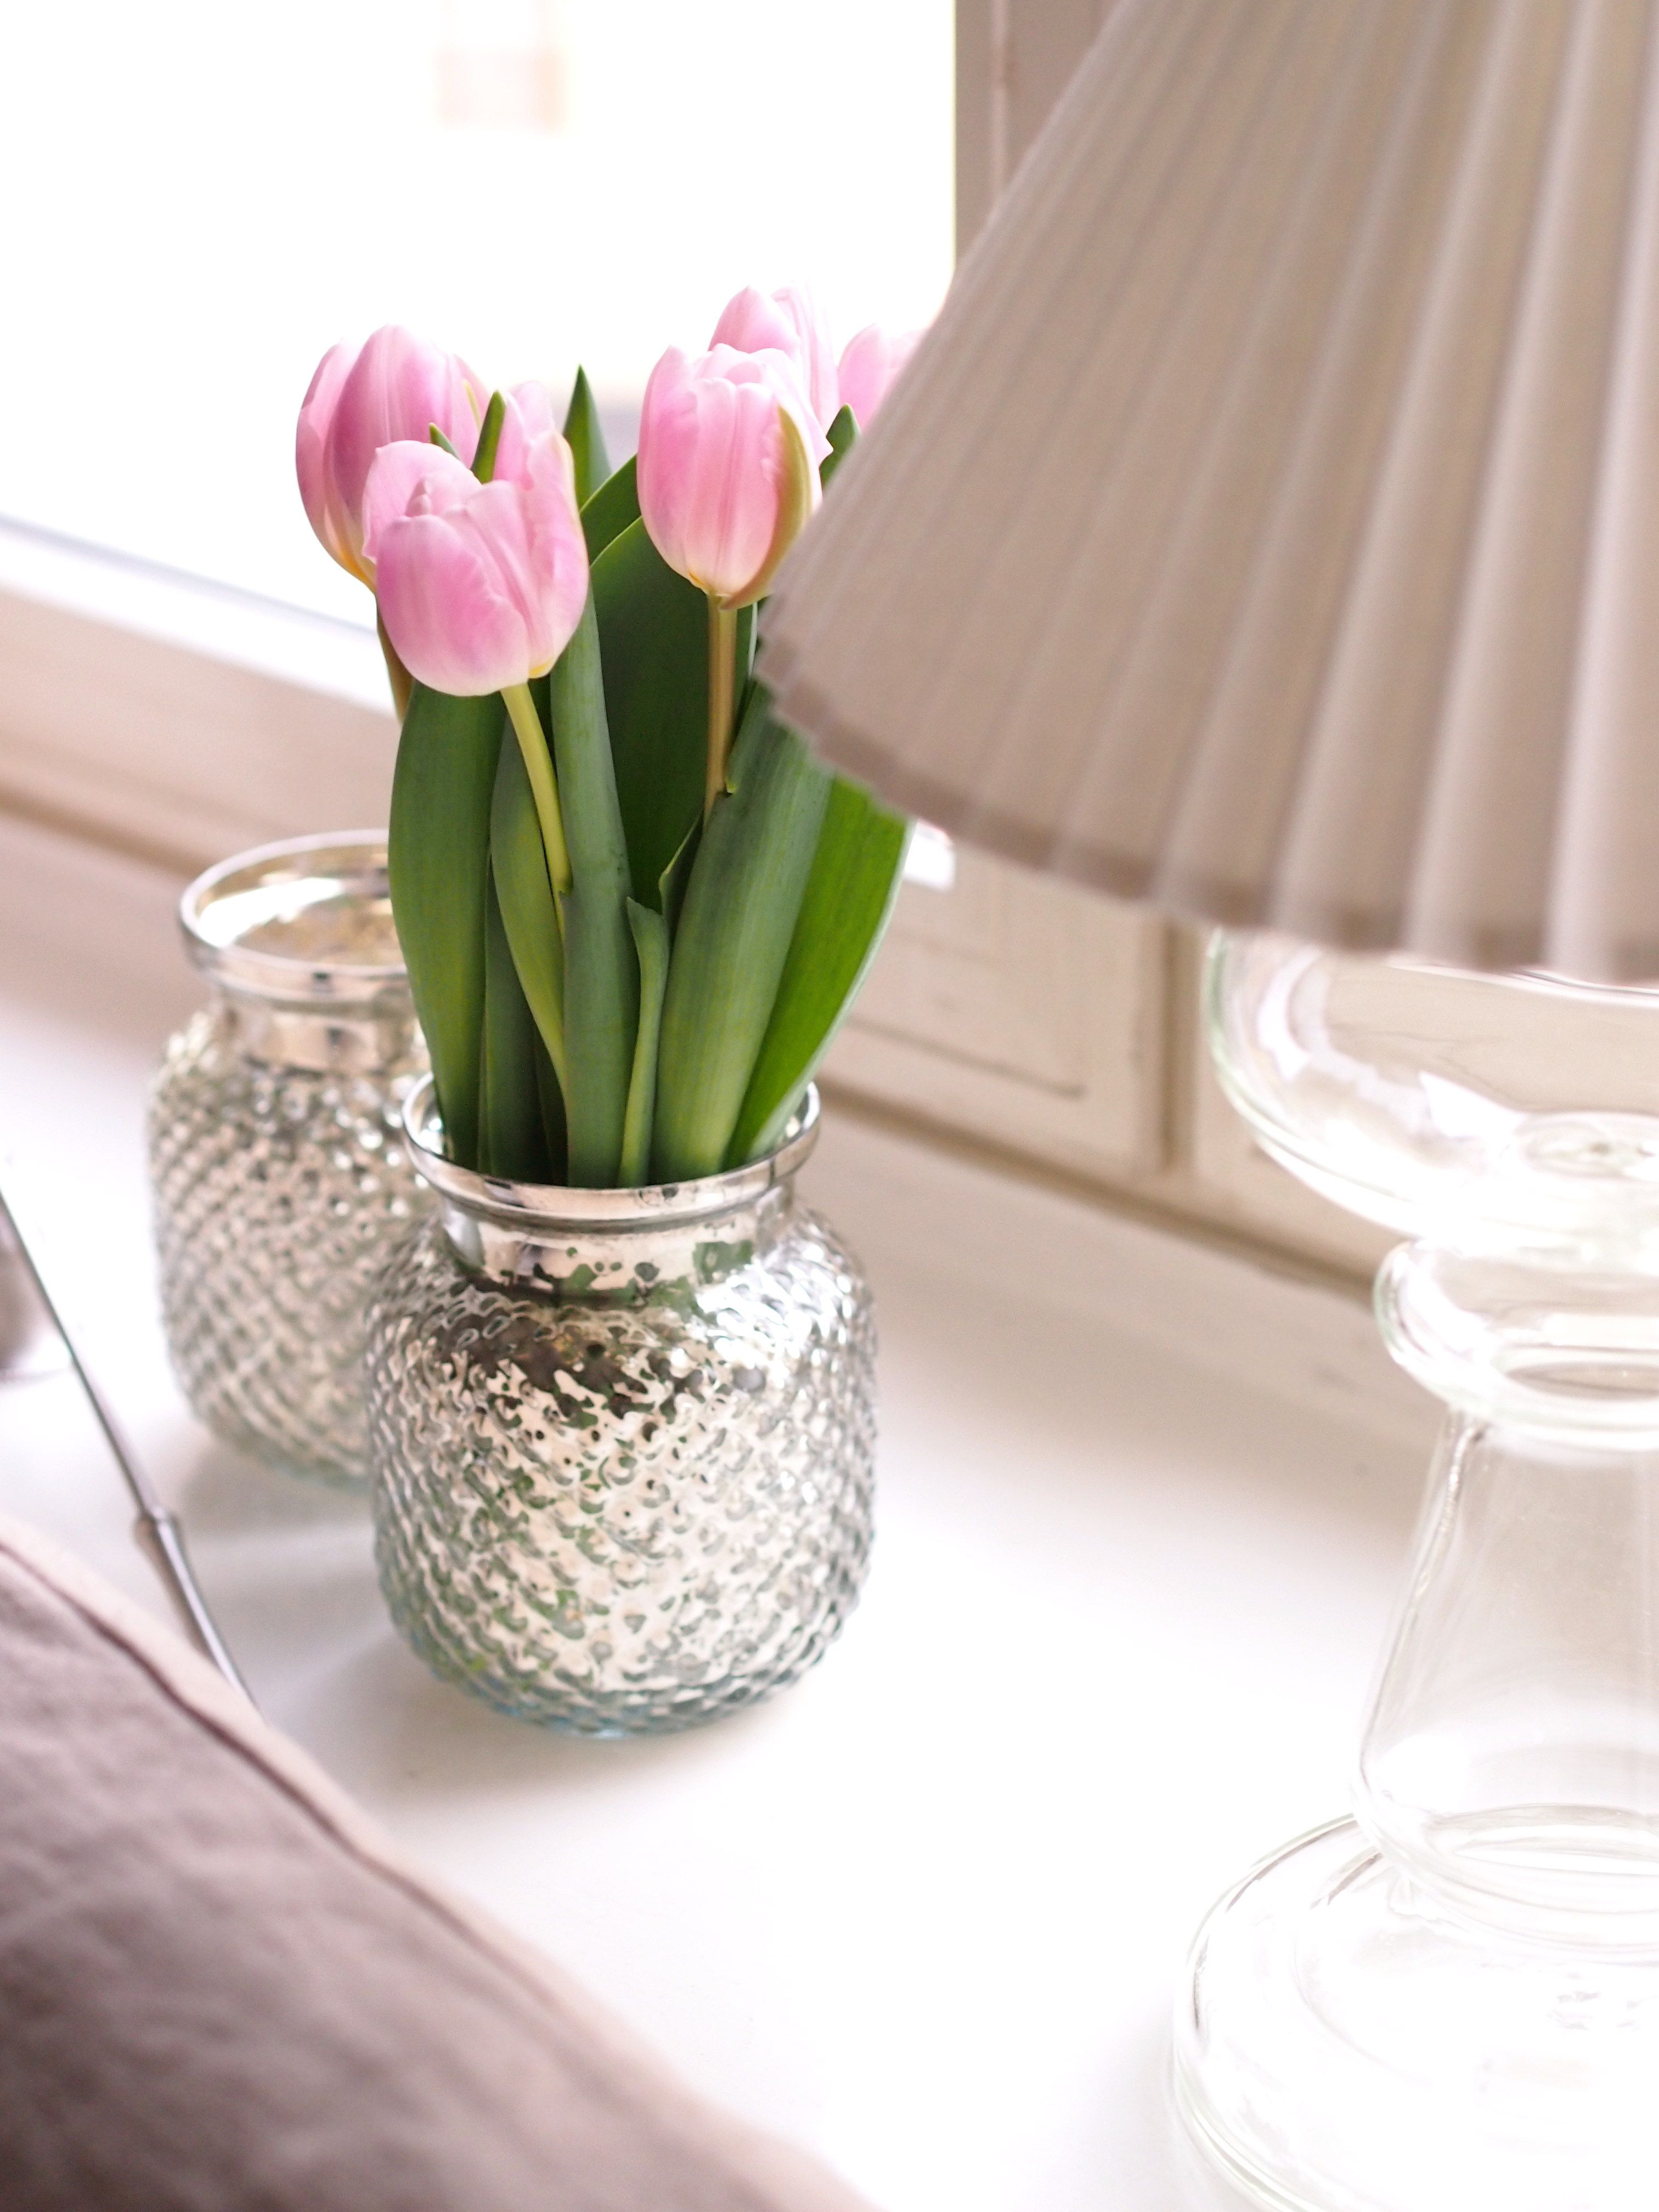 pink tulip vase of tulppaanit lilis tulppaanista on moneksi pinterest pink pertaining to tulppaanit lilis